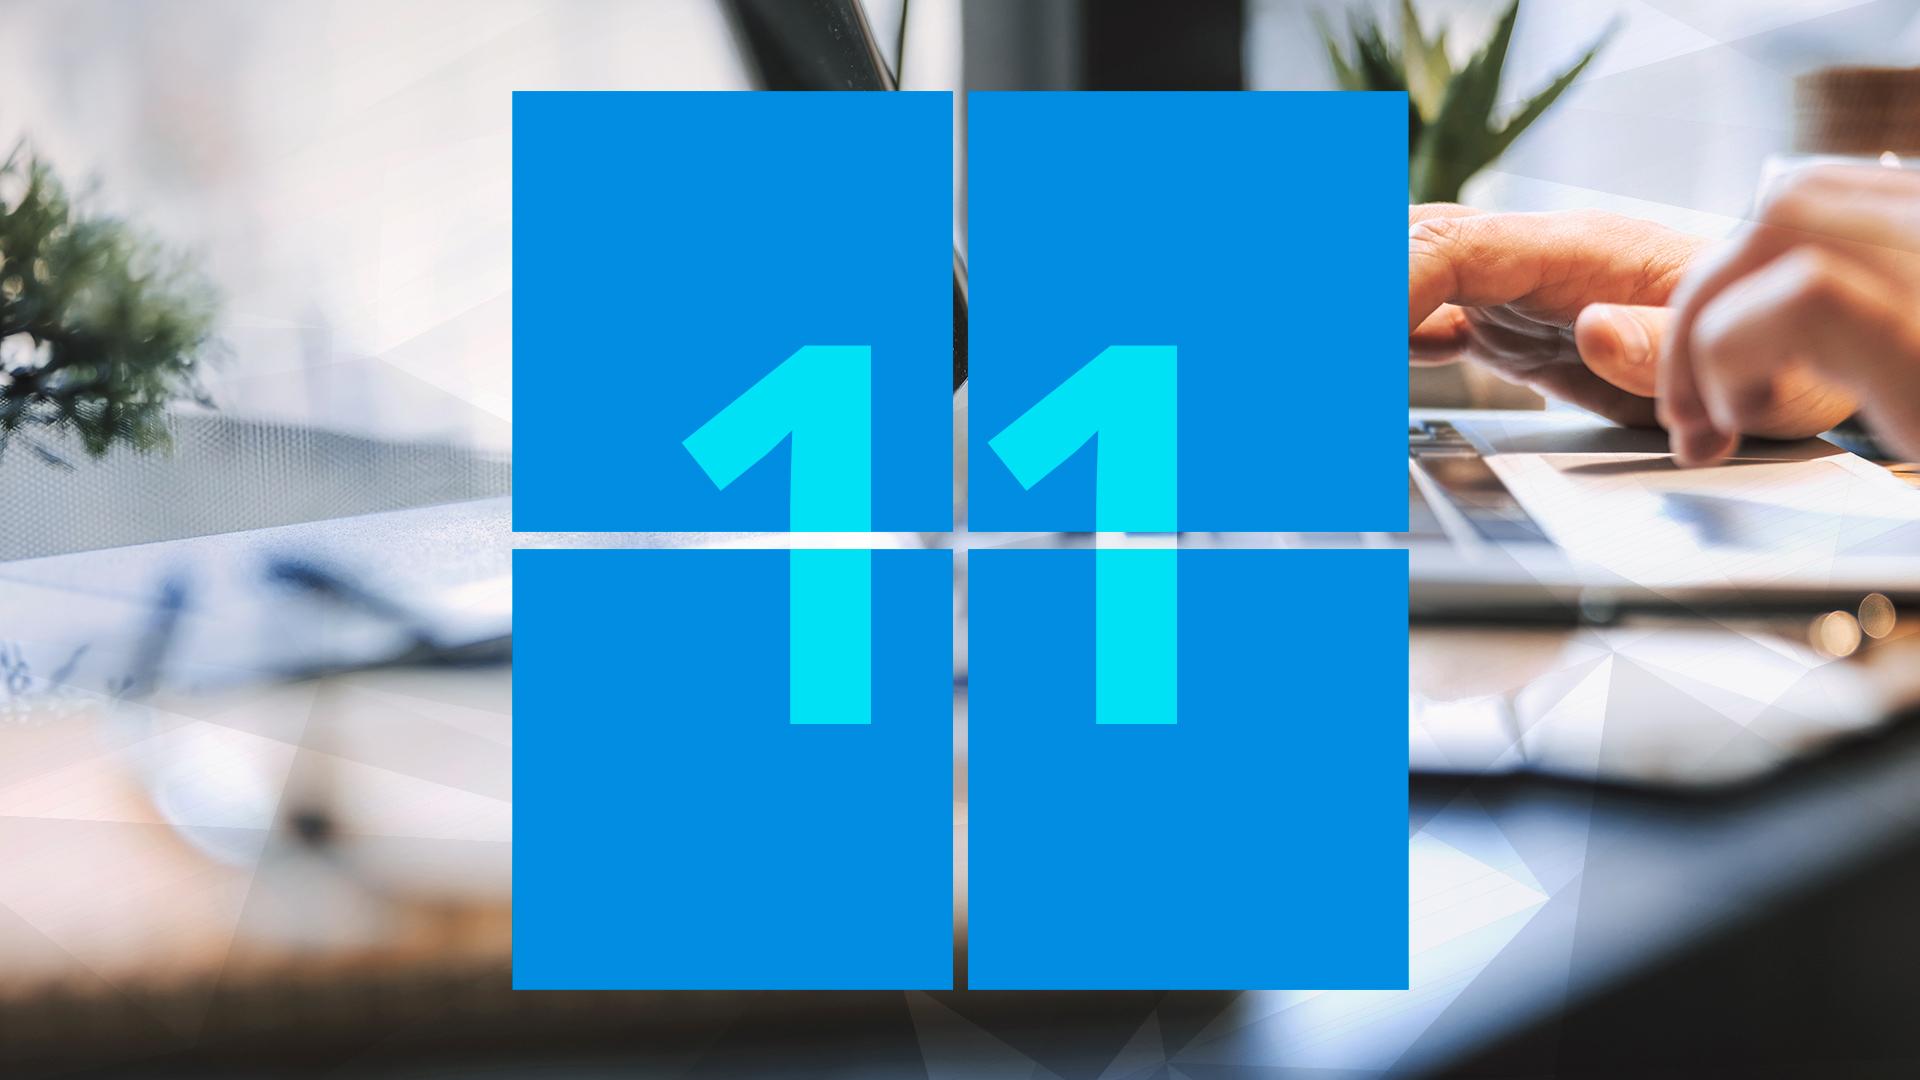 Gerücht: Windows 11 soll Widget-Support für Drittanbieter bringen